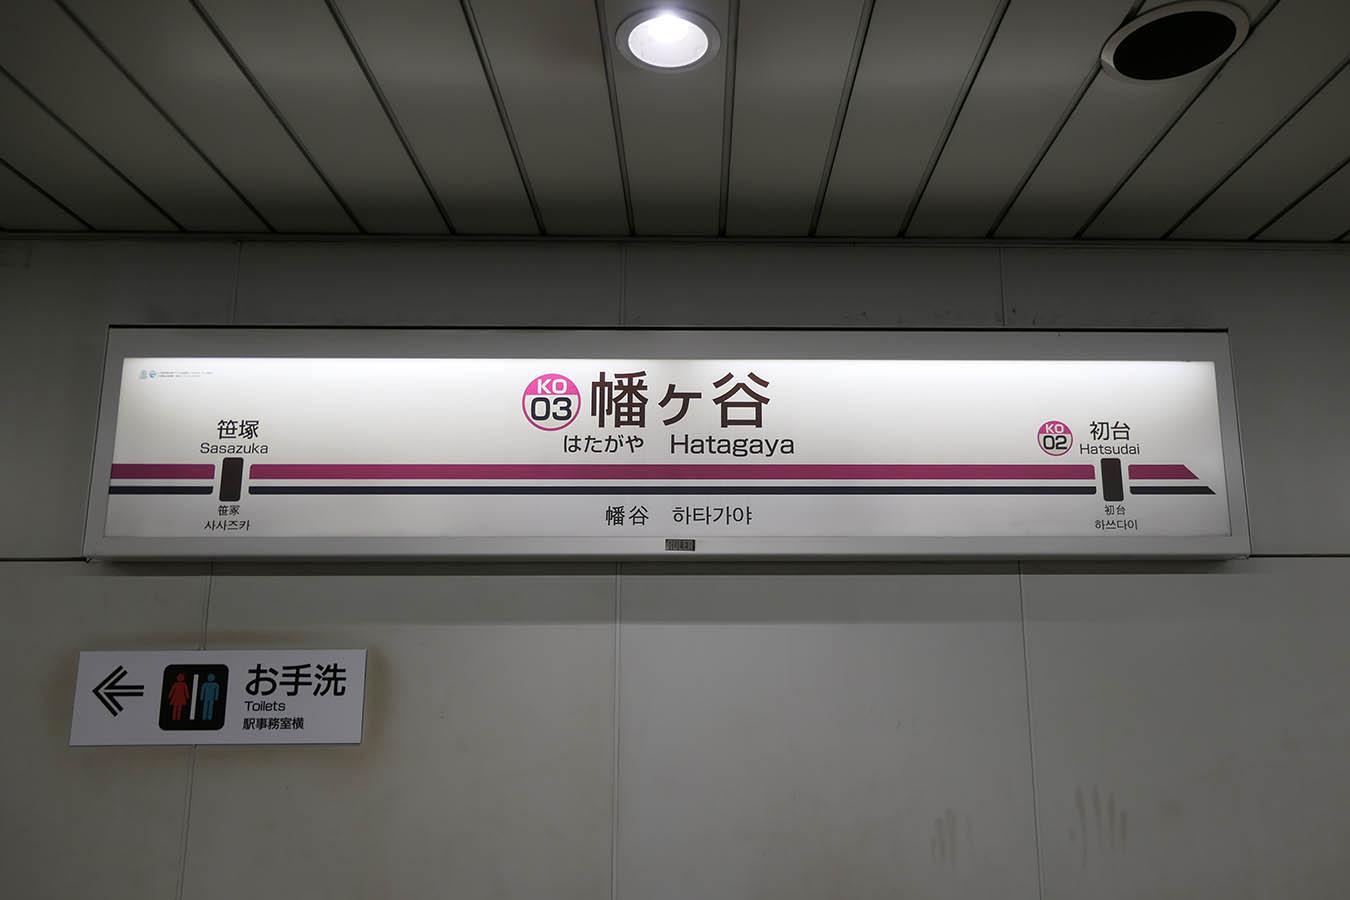 KO03_photo05.jpg